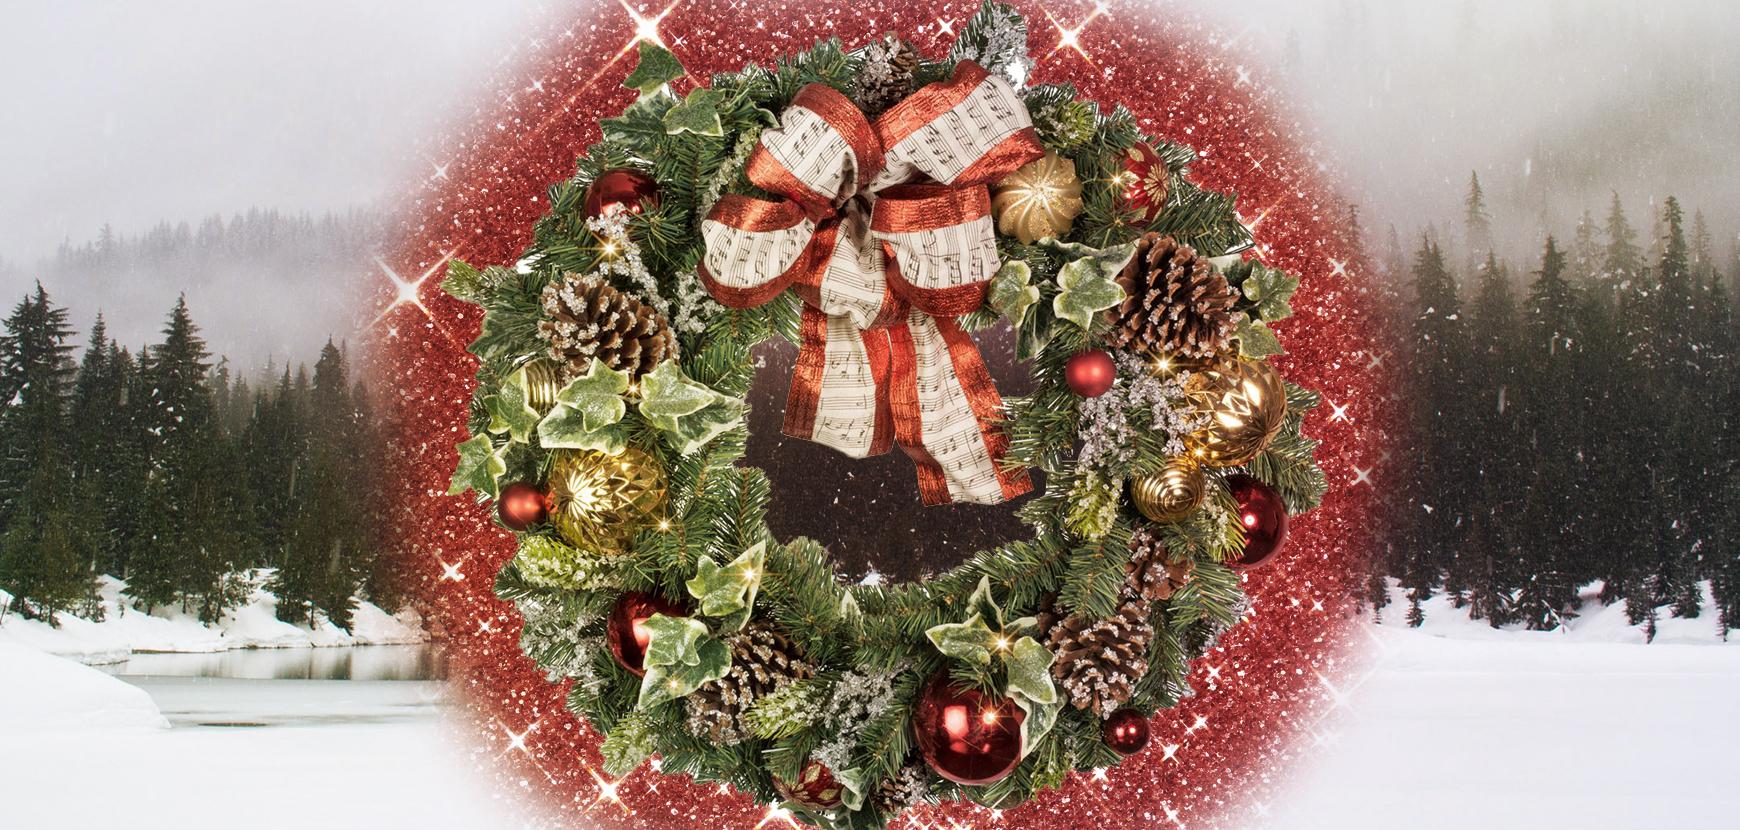 Ghirlande natalizie fai da te, un modo unico per decorare la casa sotto le feste